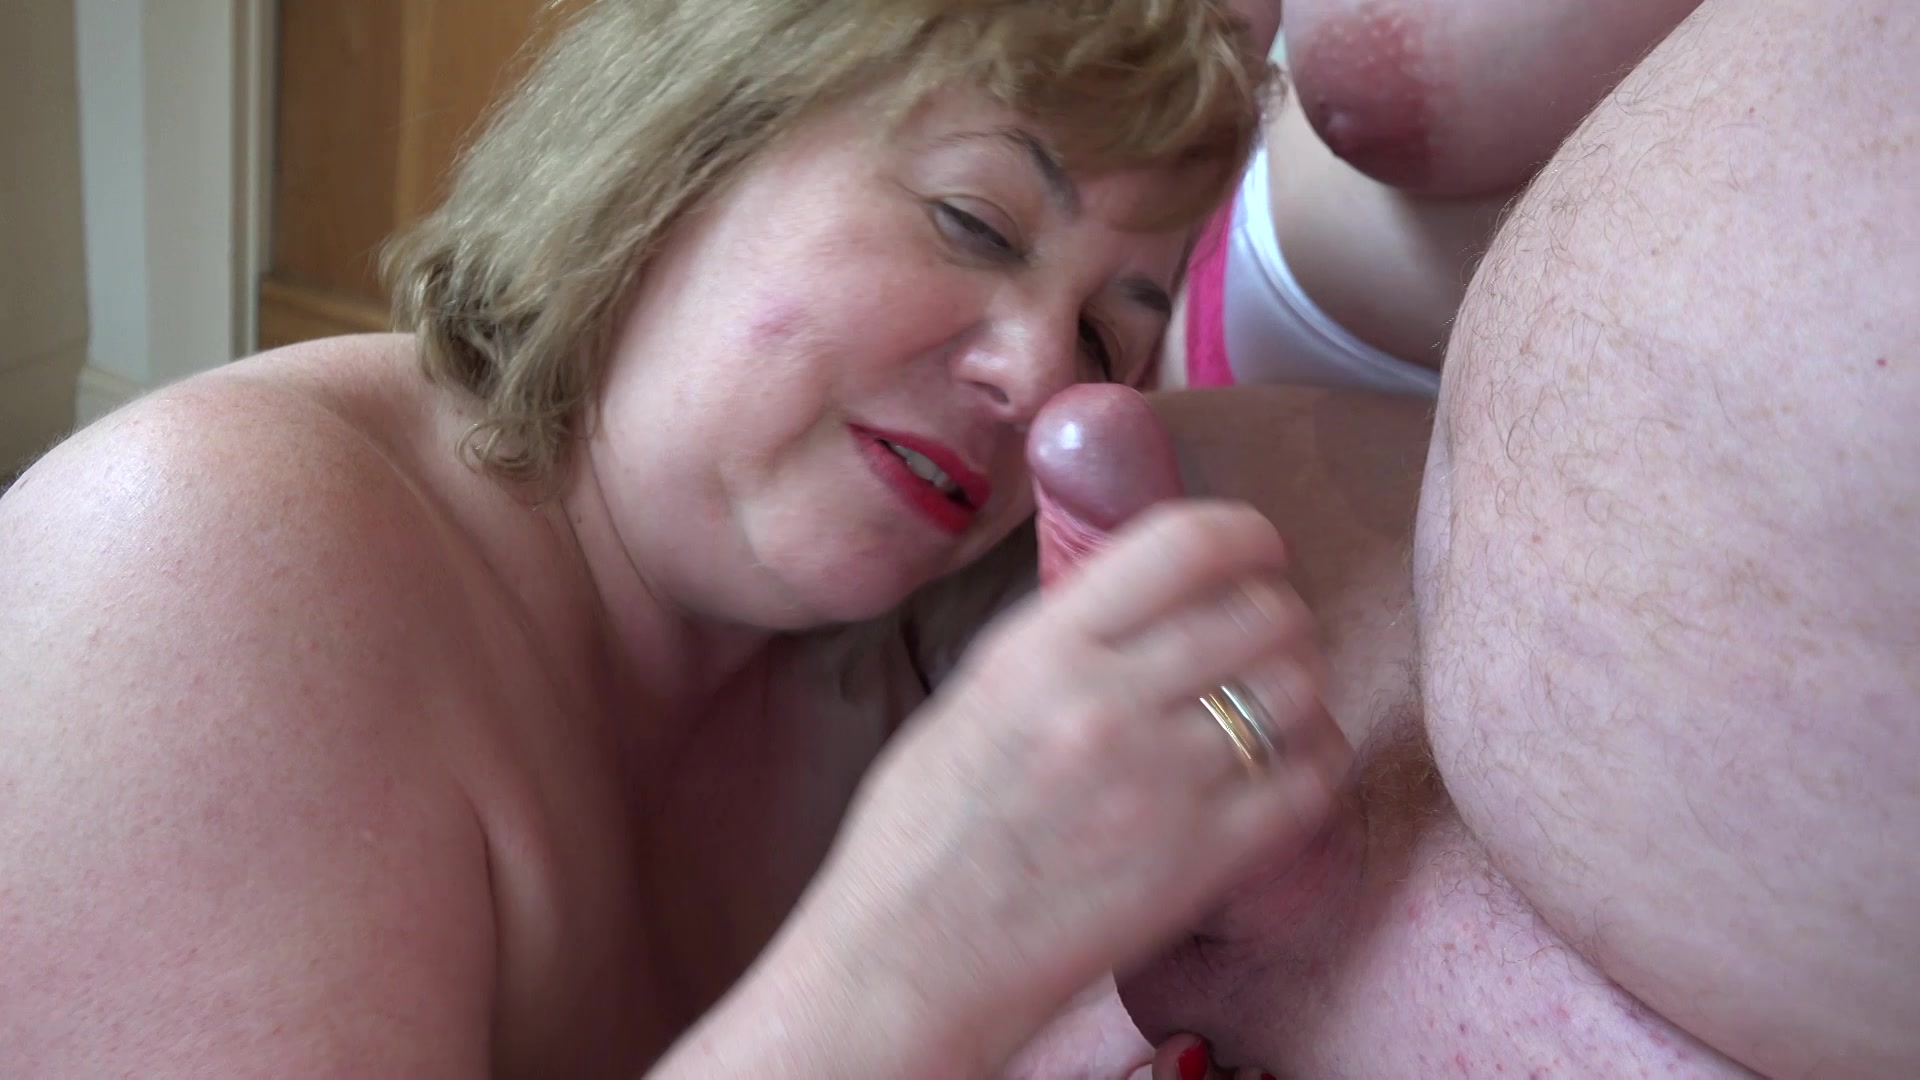 Oldnanny auntie trisha lily may xlxxx redhead sandy XXX porn pics